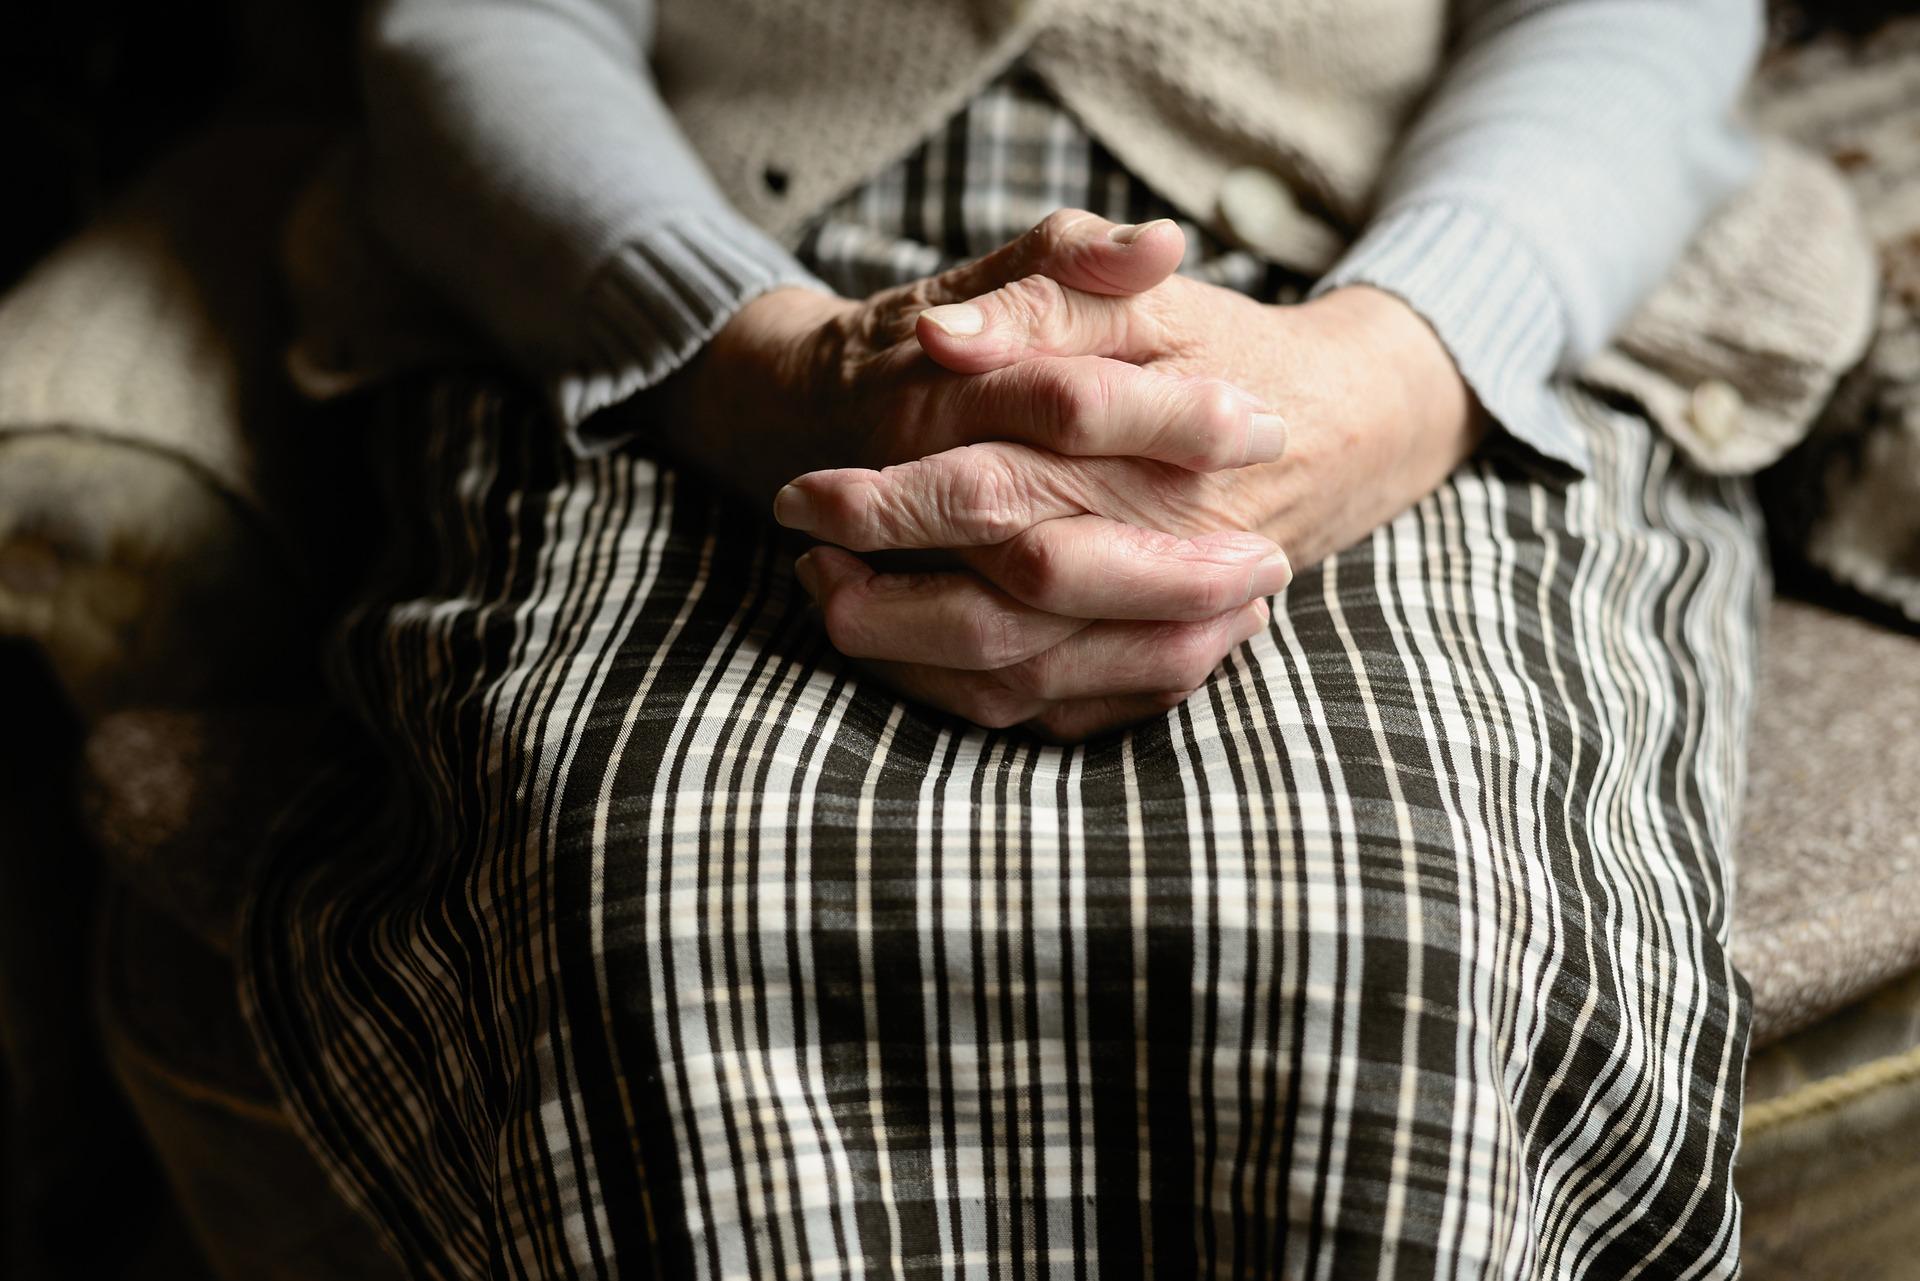 Z PODKARPACIA: Zrobiły seniorce masaż za ponad 40 tysięcy złotych  - Zdjęcie główne